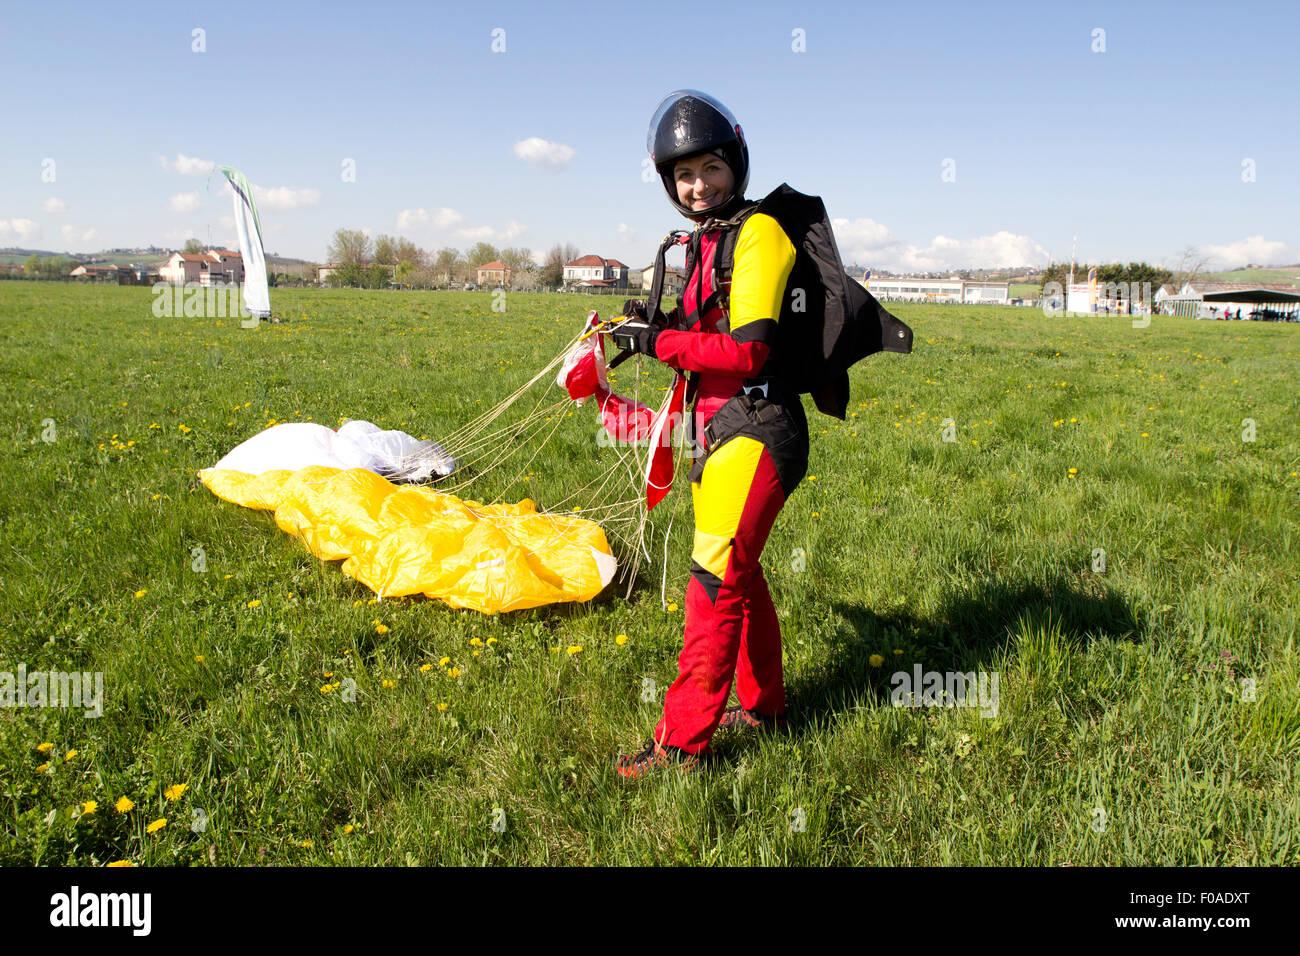 Glücklich Fallschirmspringer nach Klick Stockbild